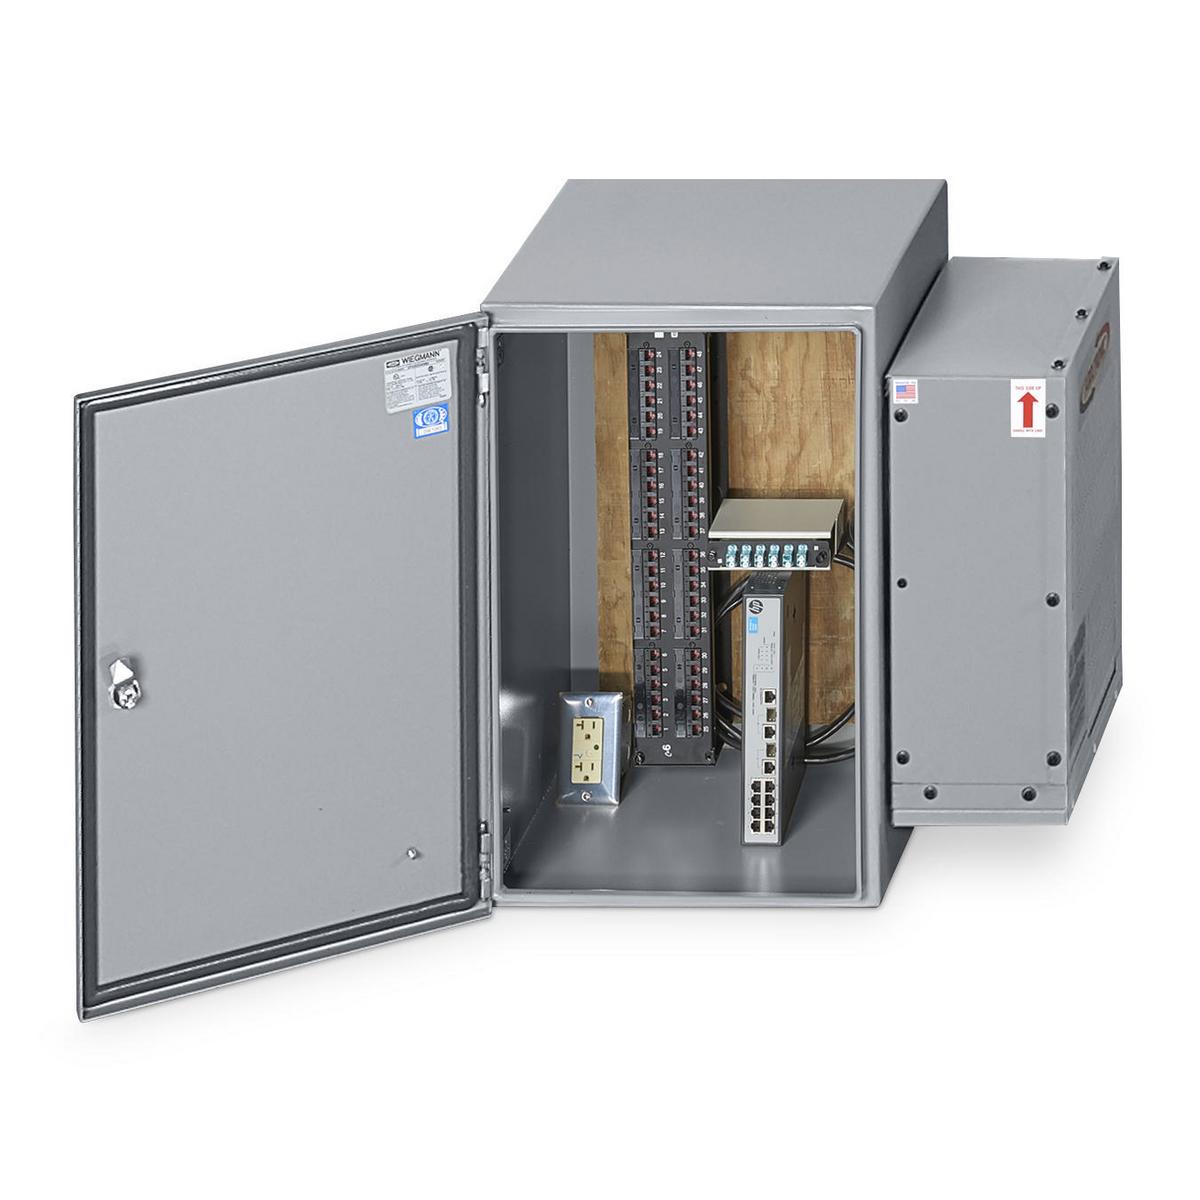 Marley Series C Baseboard Heater Wiring Diagram